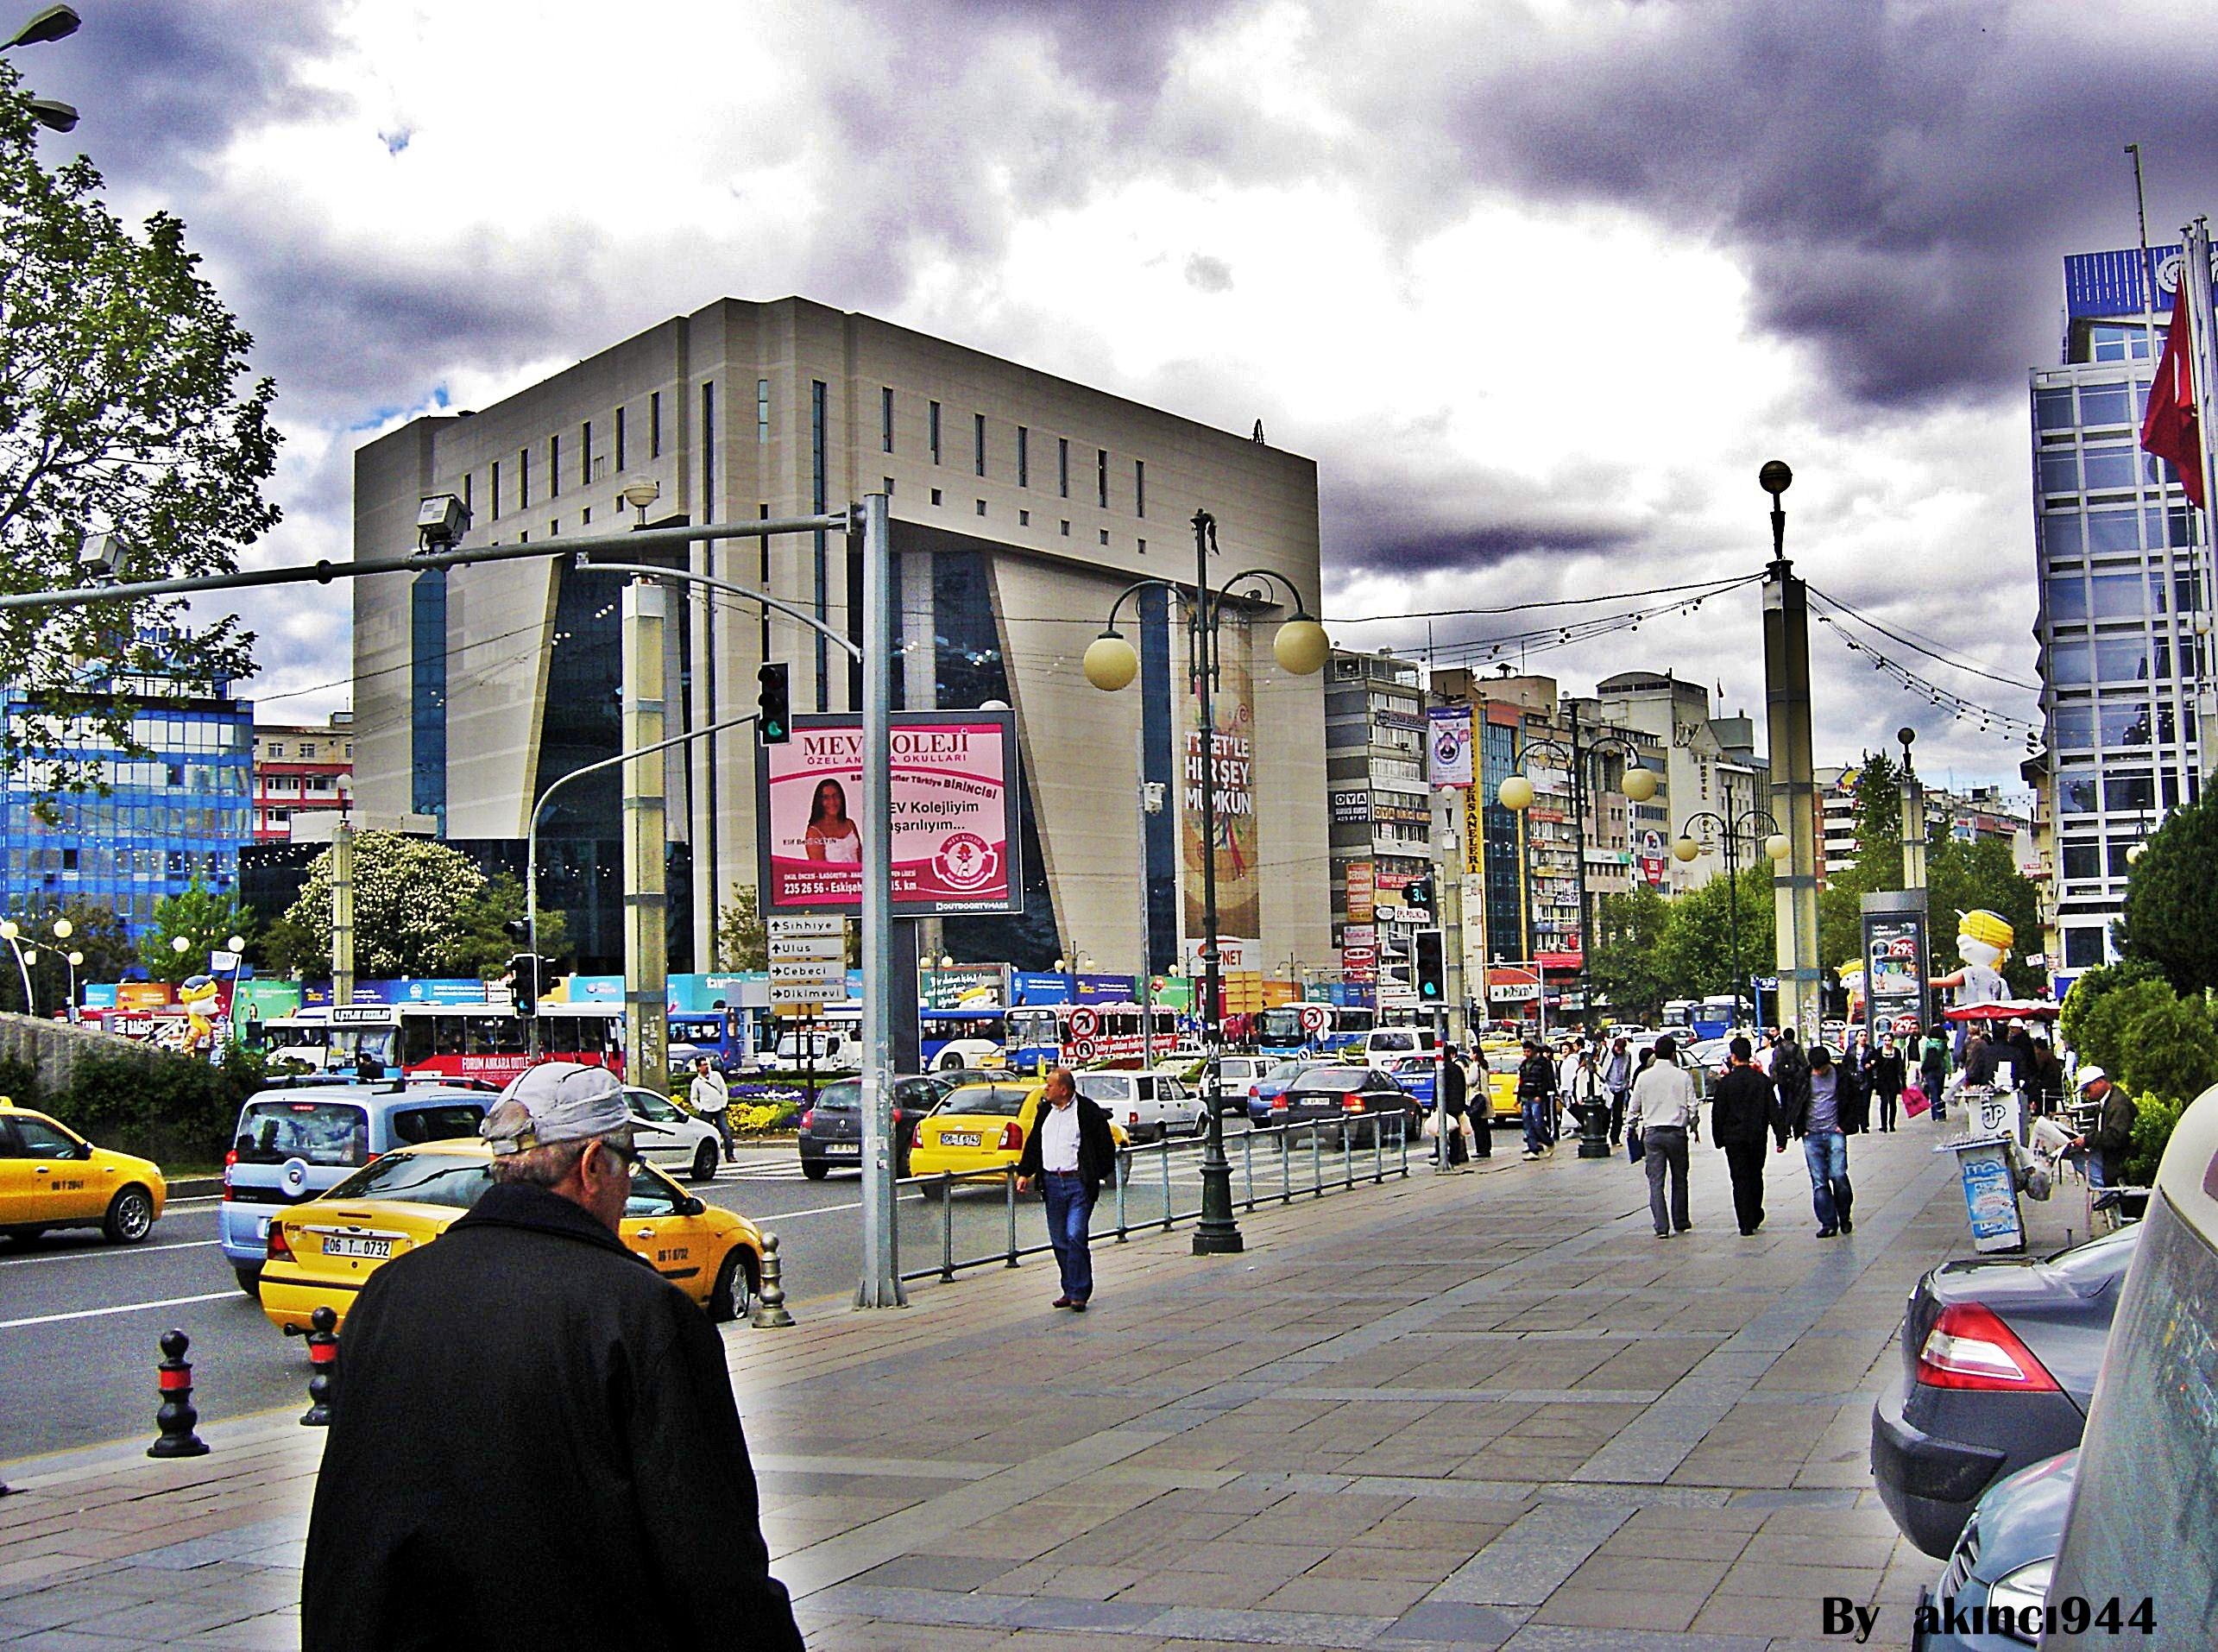 AKINCI 944 - Ankara Kızılay Meydanı